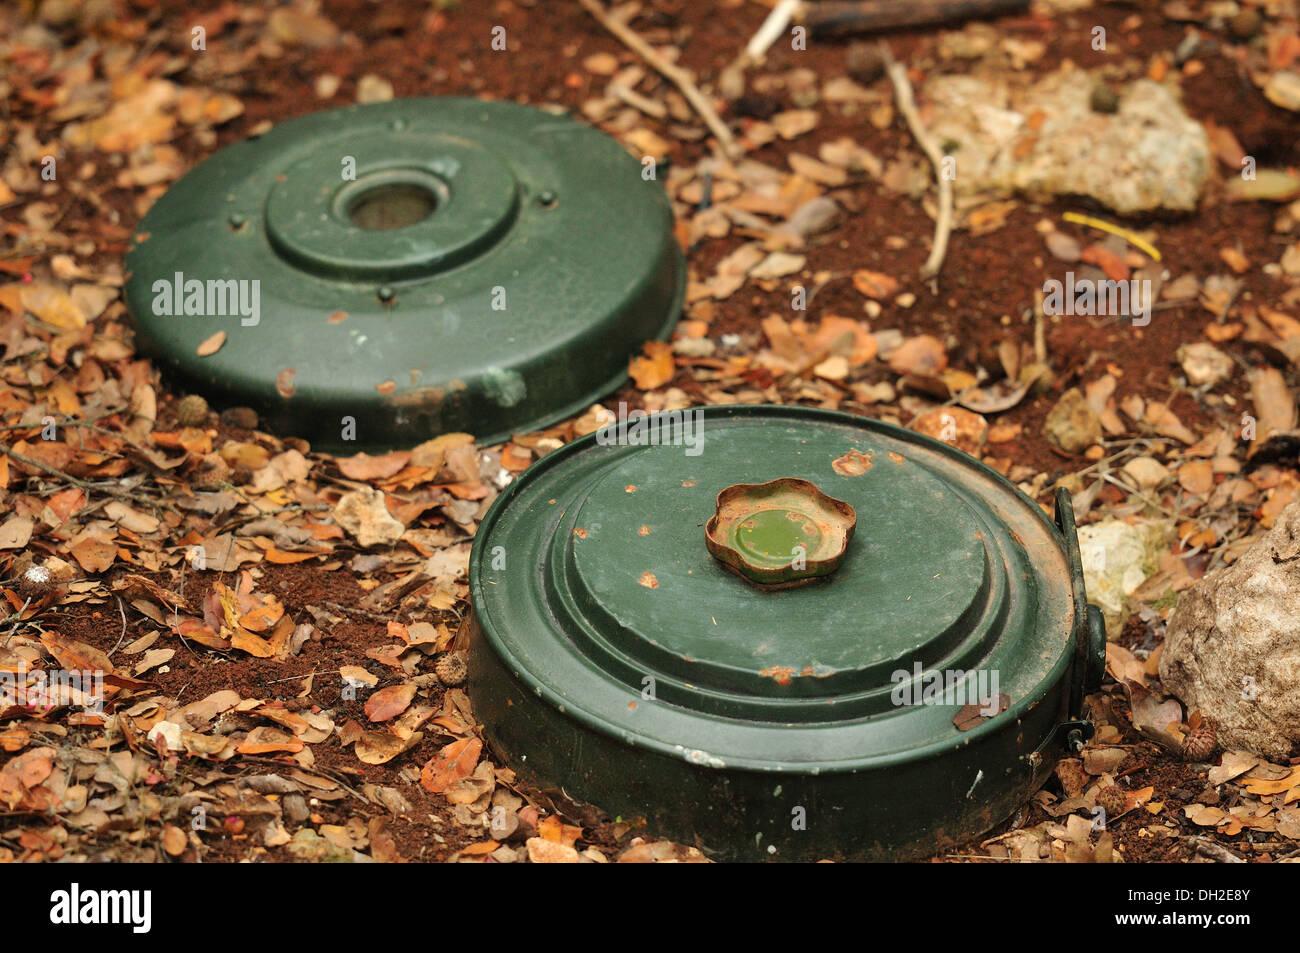 La M15 mine è una circolare grande U.S. anti-serbatoio miniera blast, Mleeta, Hezbollah Museum, il Sud del Libano. Immagini Stock